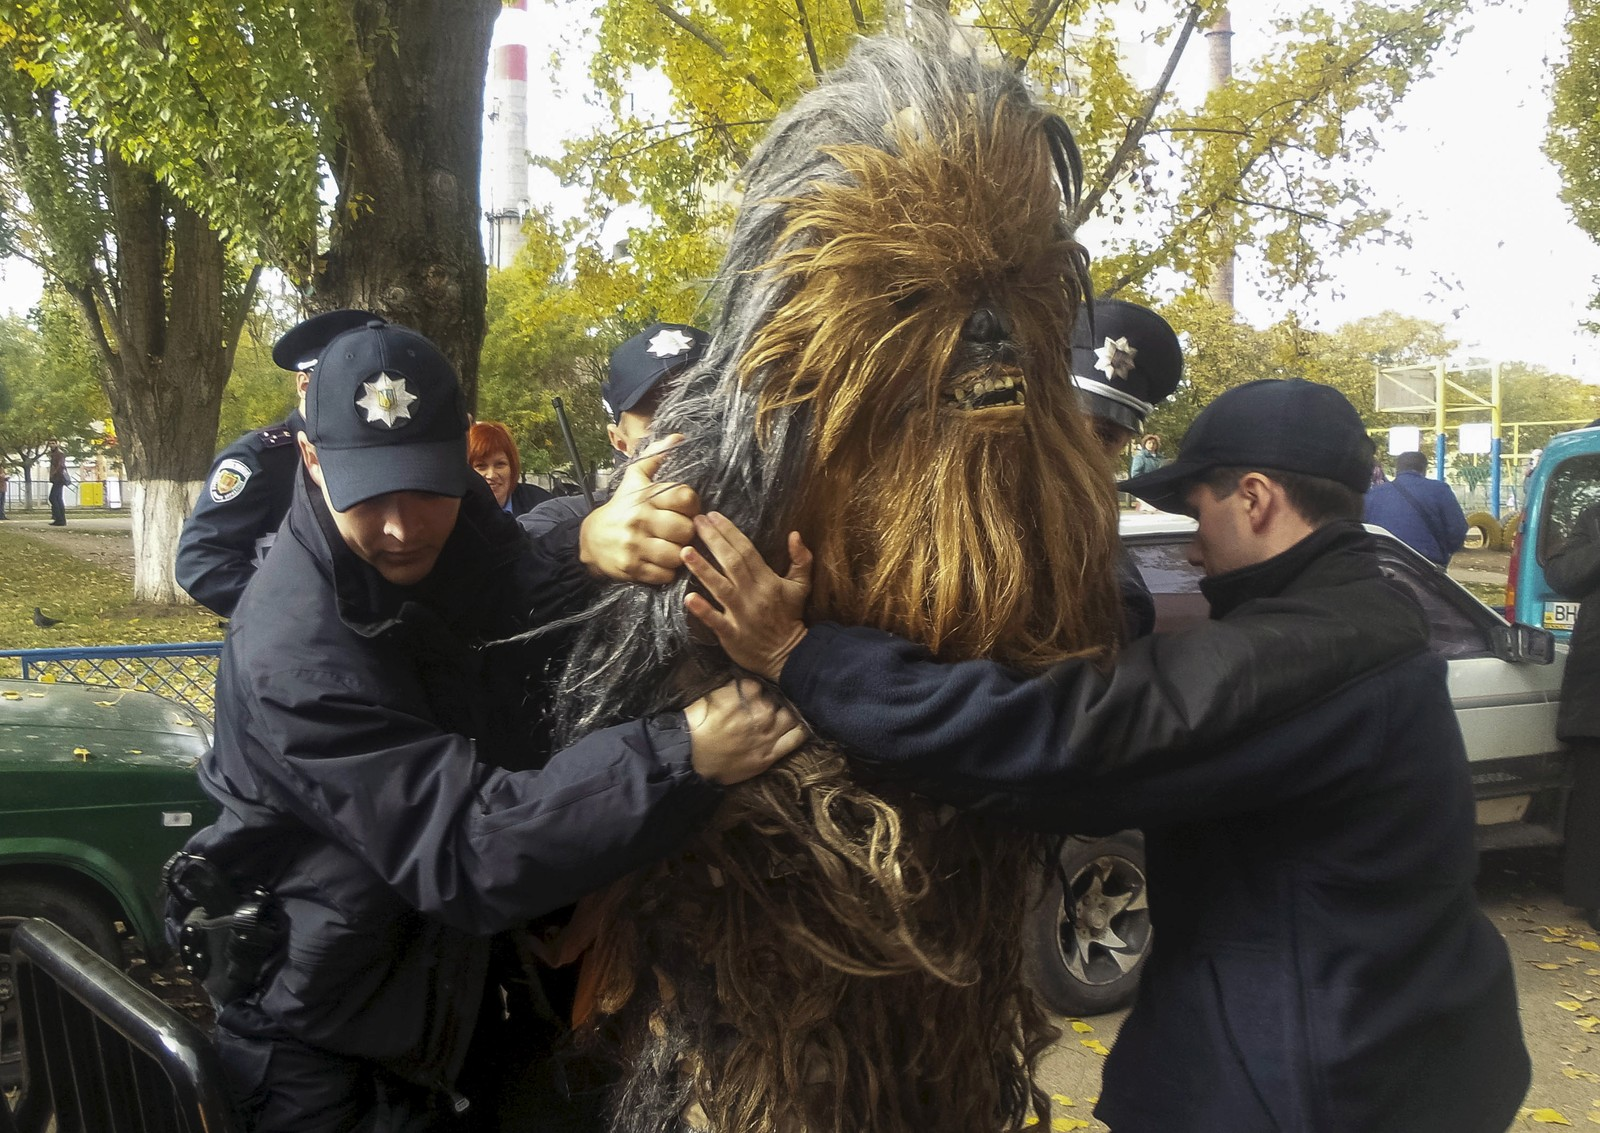 En demonstrant utkledd som Chewbacca fra Star Wars ble denne uka arrestert utenfor et valglokale i Odessa, Ukraina. Ifølge lokale medier skal vedkommende blant annet ikke kunnet framvise gyldig legitimasjon. Søndag er det lokalvalg i landet.